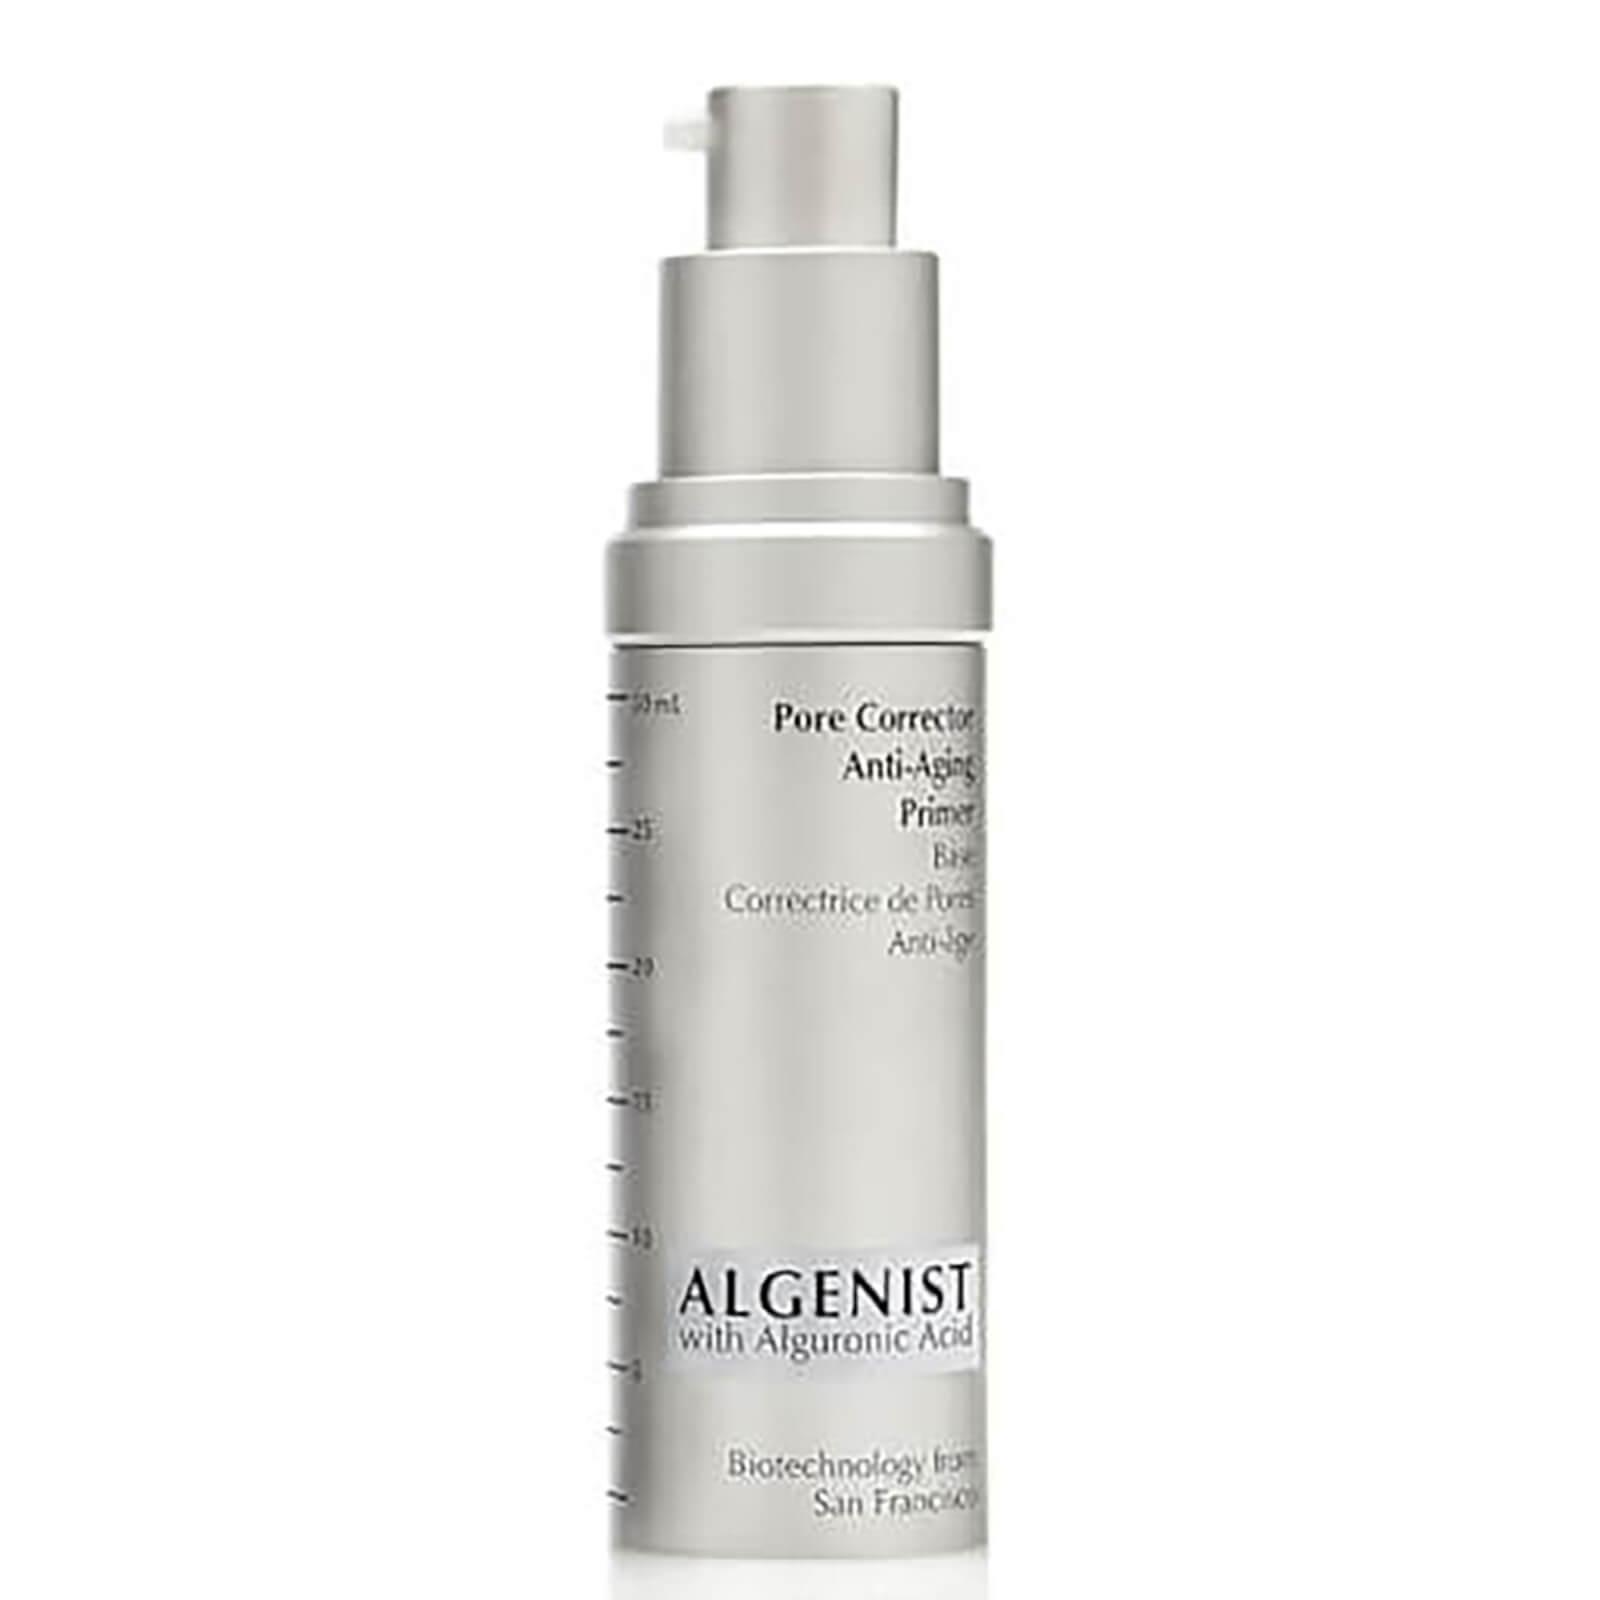 Pre-base antienvejecimiento correctora de poros de Algenist 30 ml